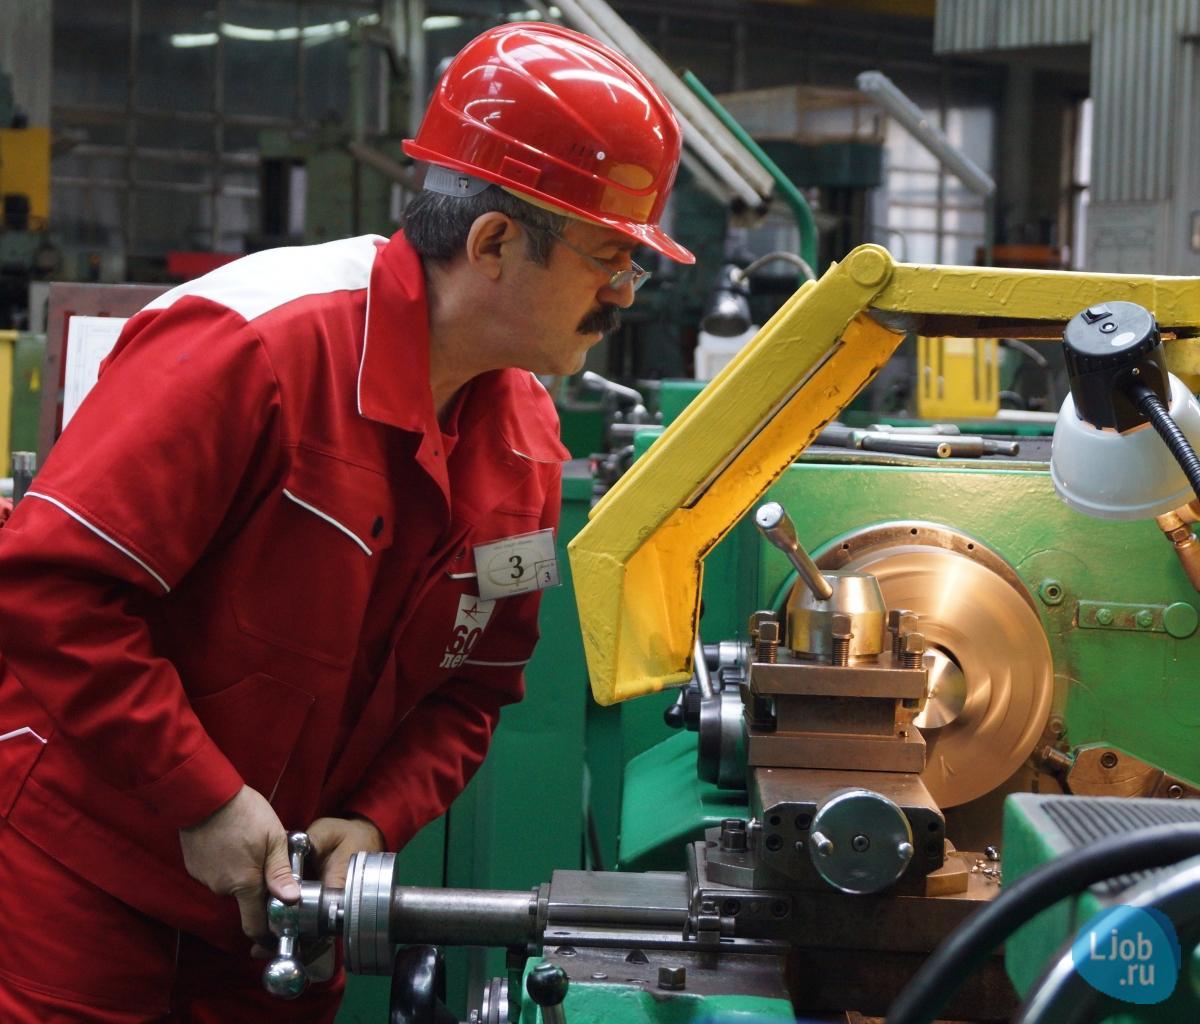 фото токаря в работе начала, откуда